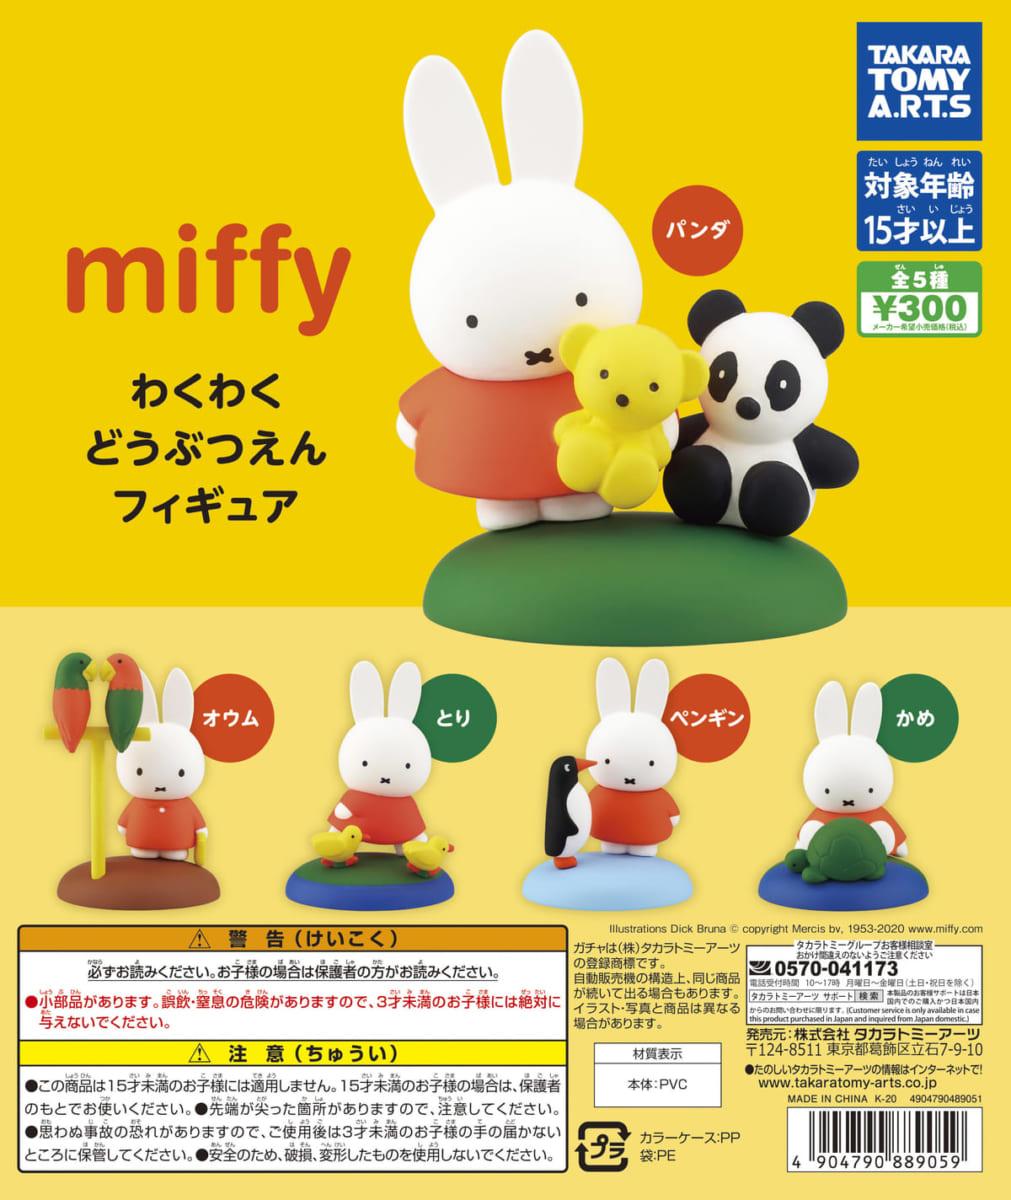 5. Miffy わくわくどうぶつえんフィギュア